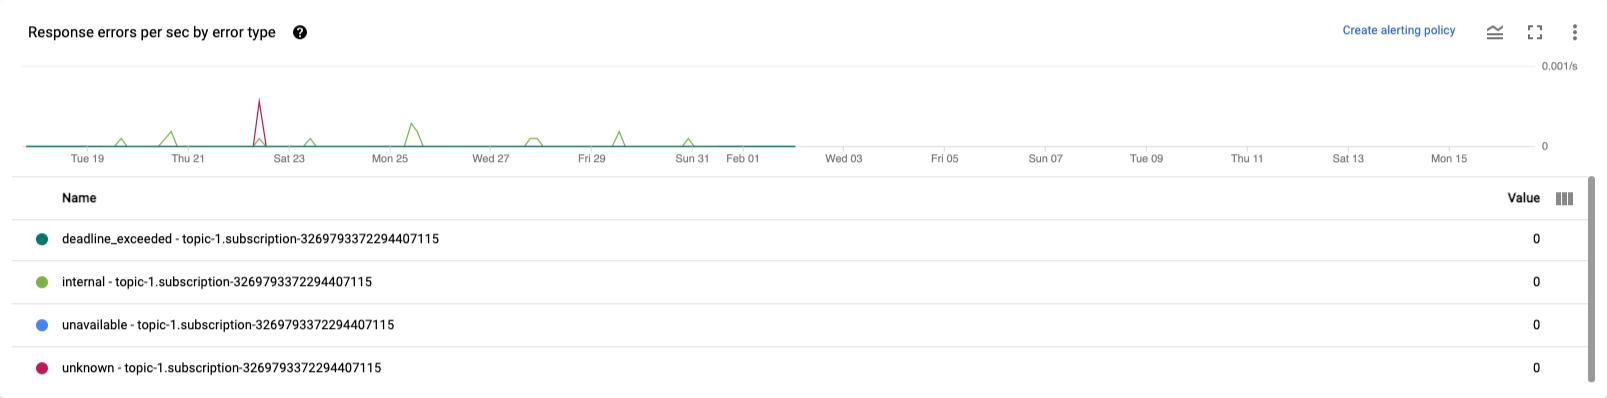 显示来源或接收器在一段时间内读取或写入数据失败的 API 请求速率的图表。